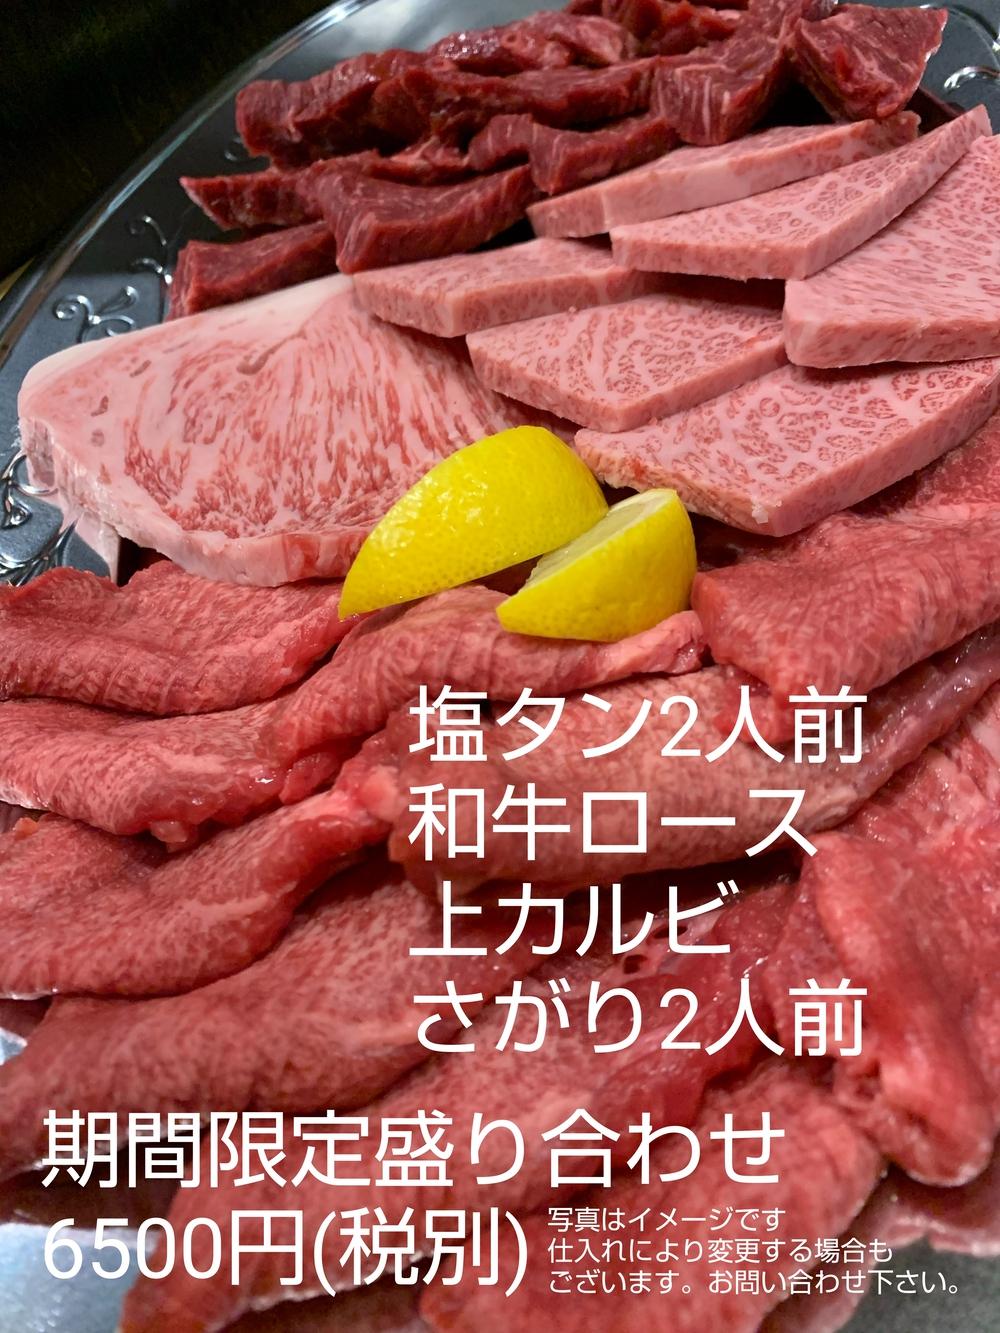 焼肉おく田 テイクアウトメニュー